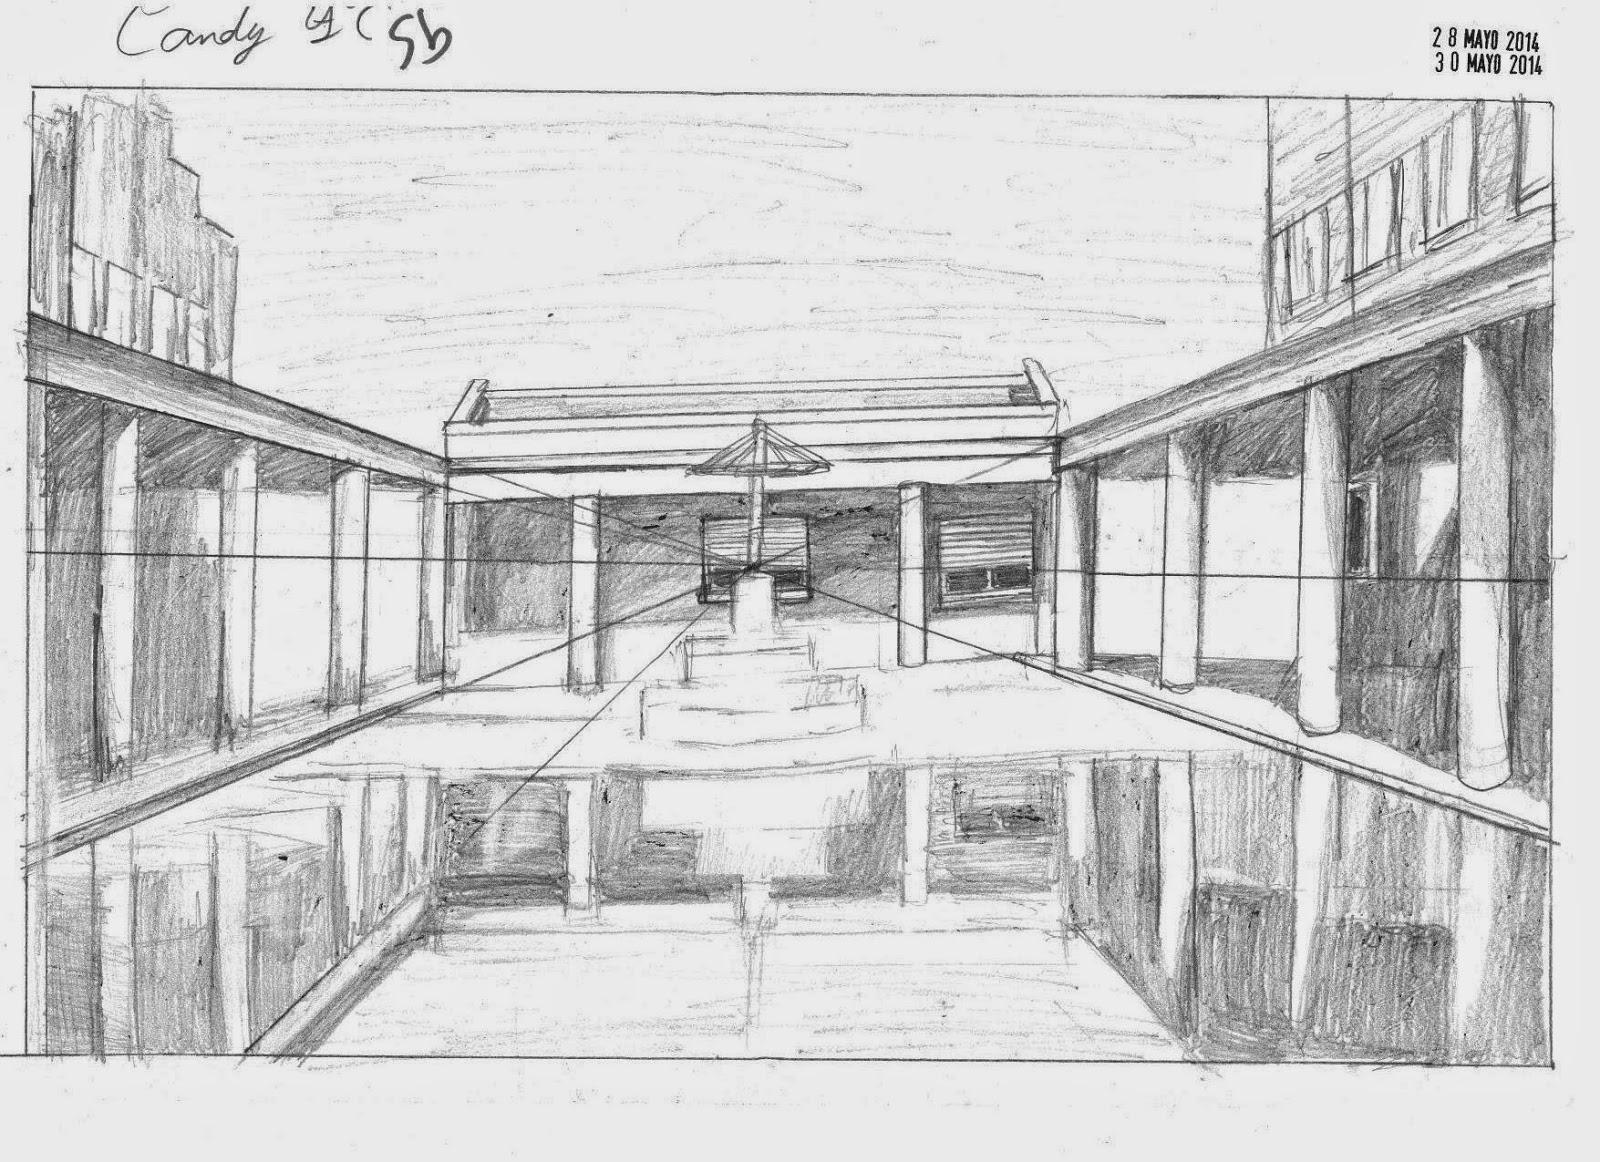 Dibujos De Clase Perspectiva Conica Central Candi Presa